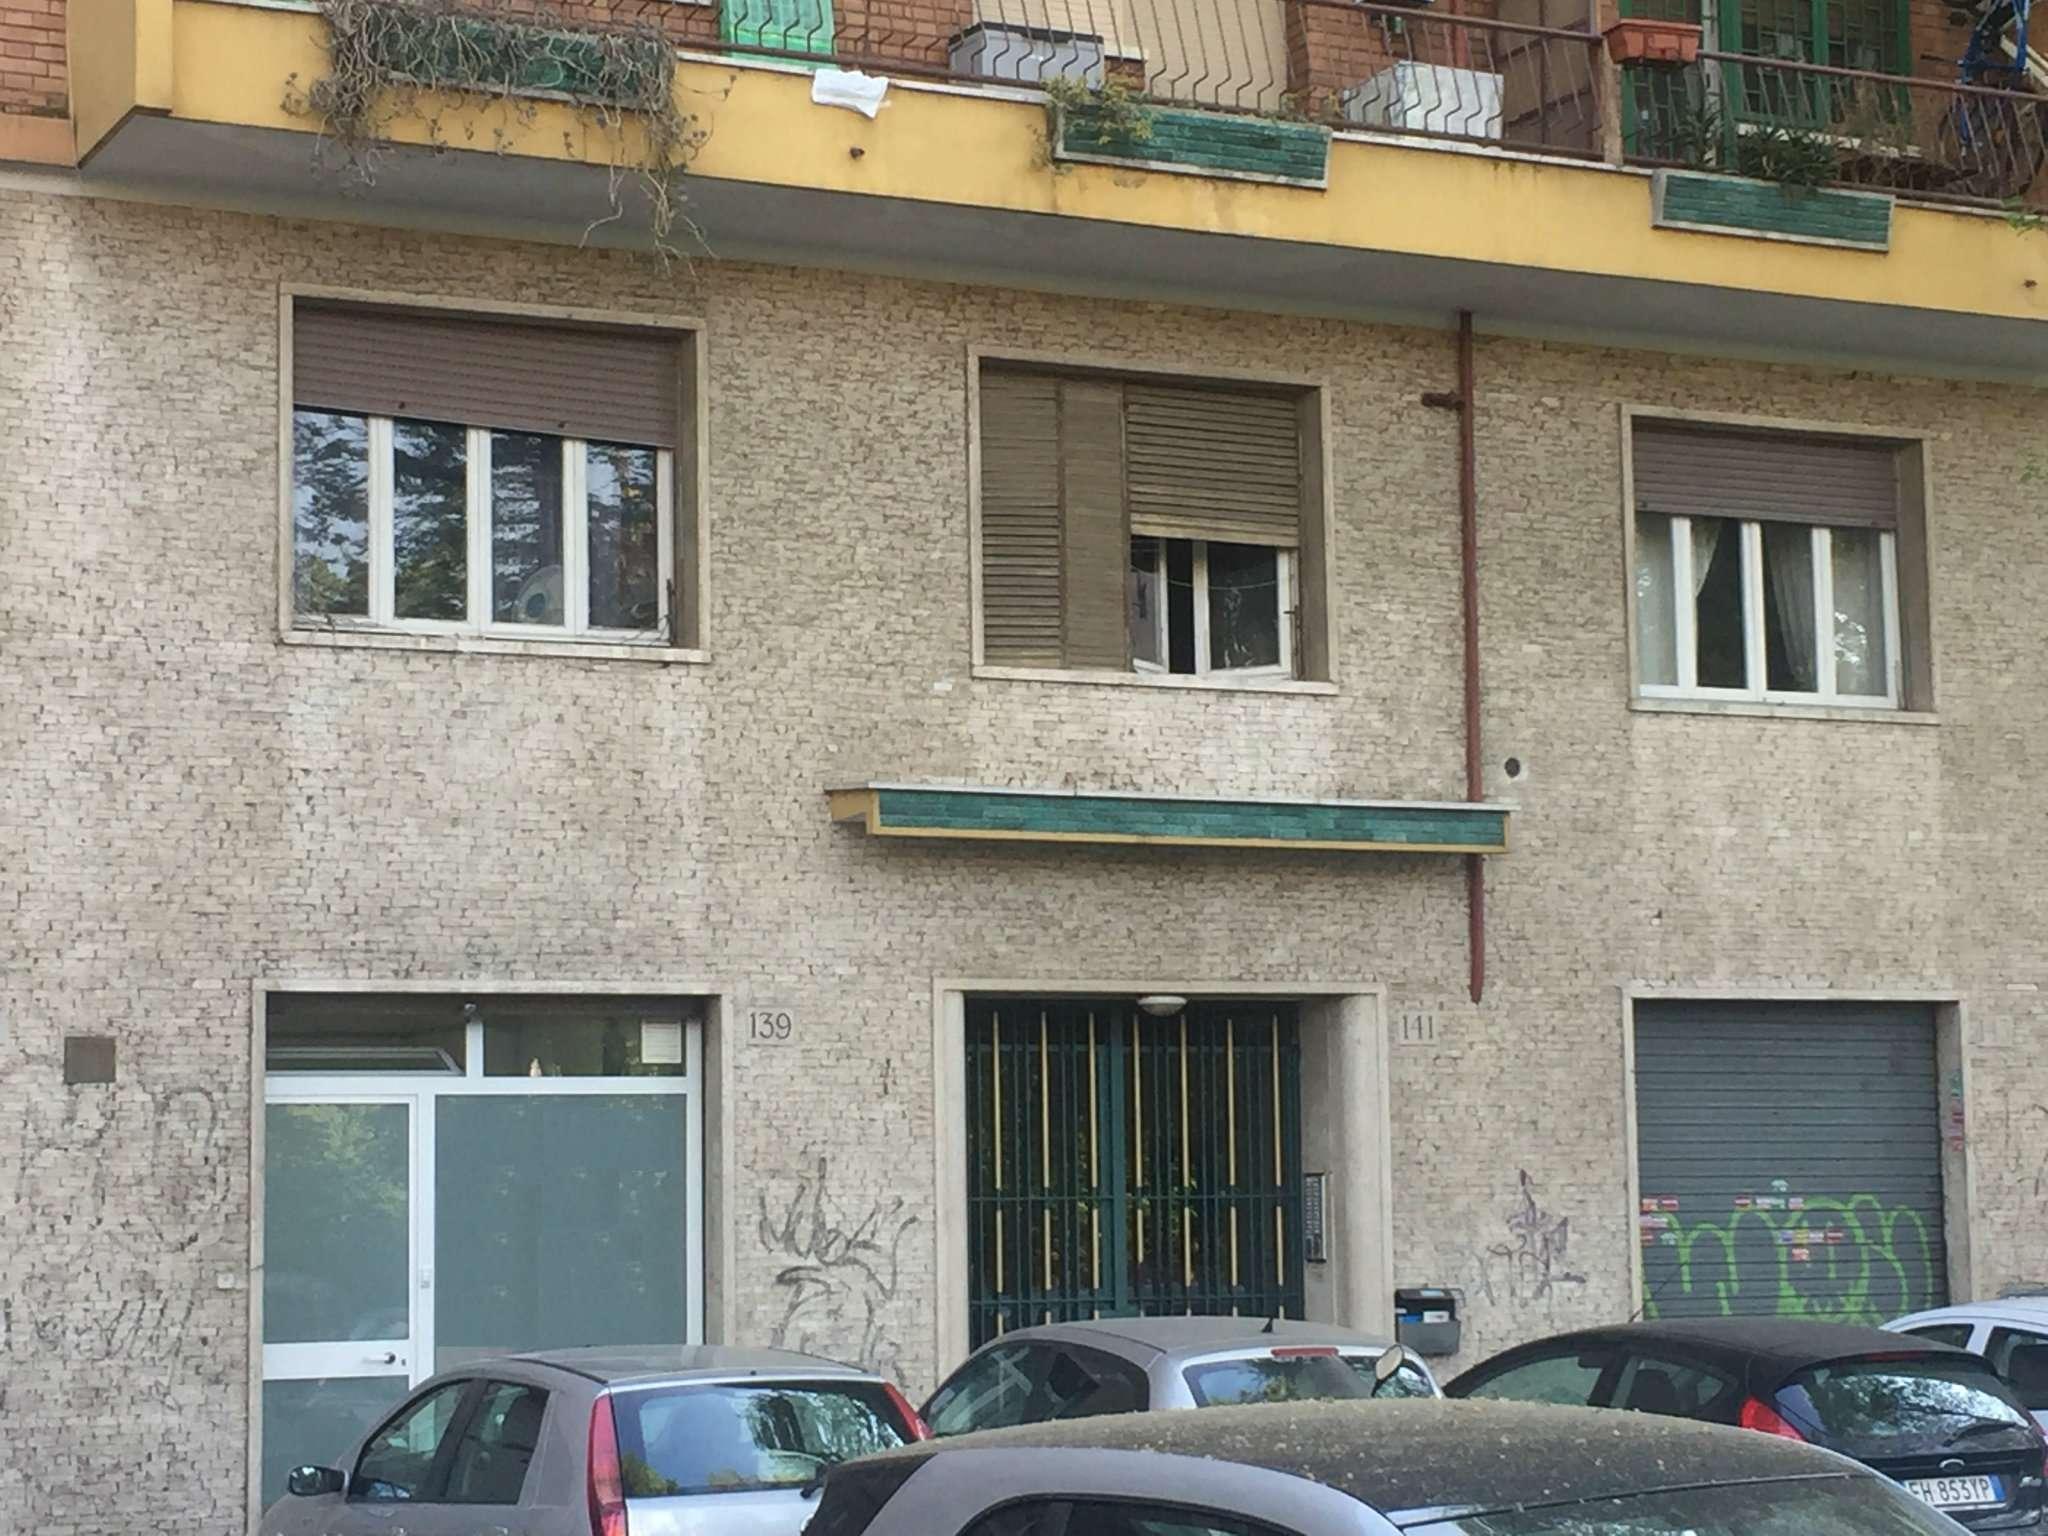 Negozi e locali antifurto in affitto a roma for Cerco locale in affitto a roma